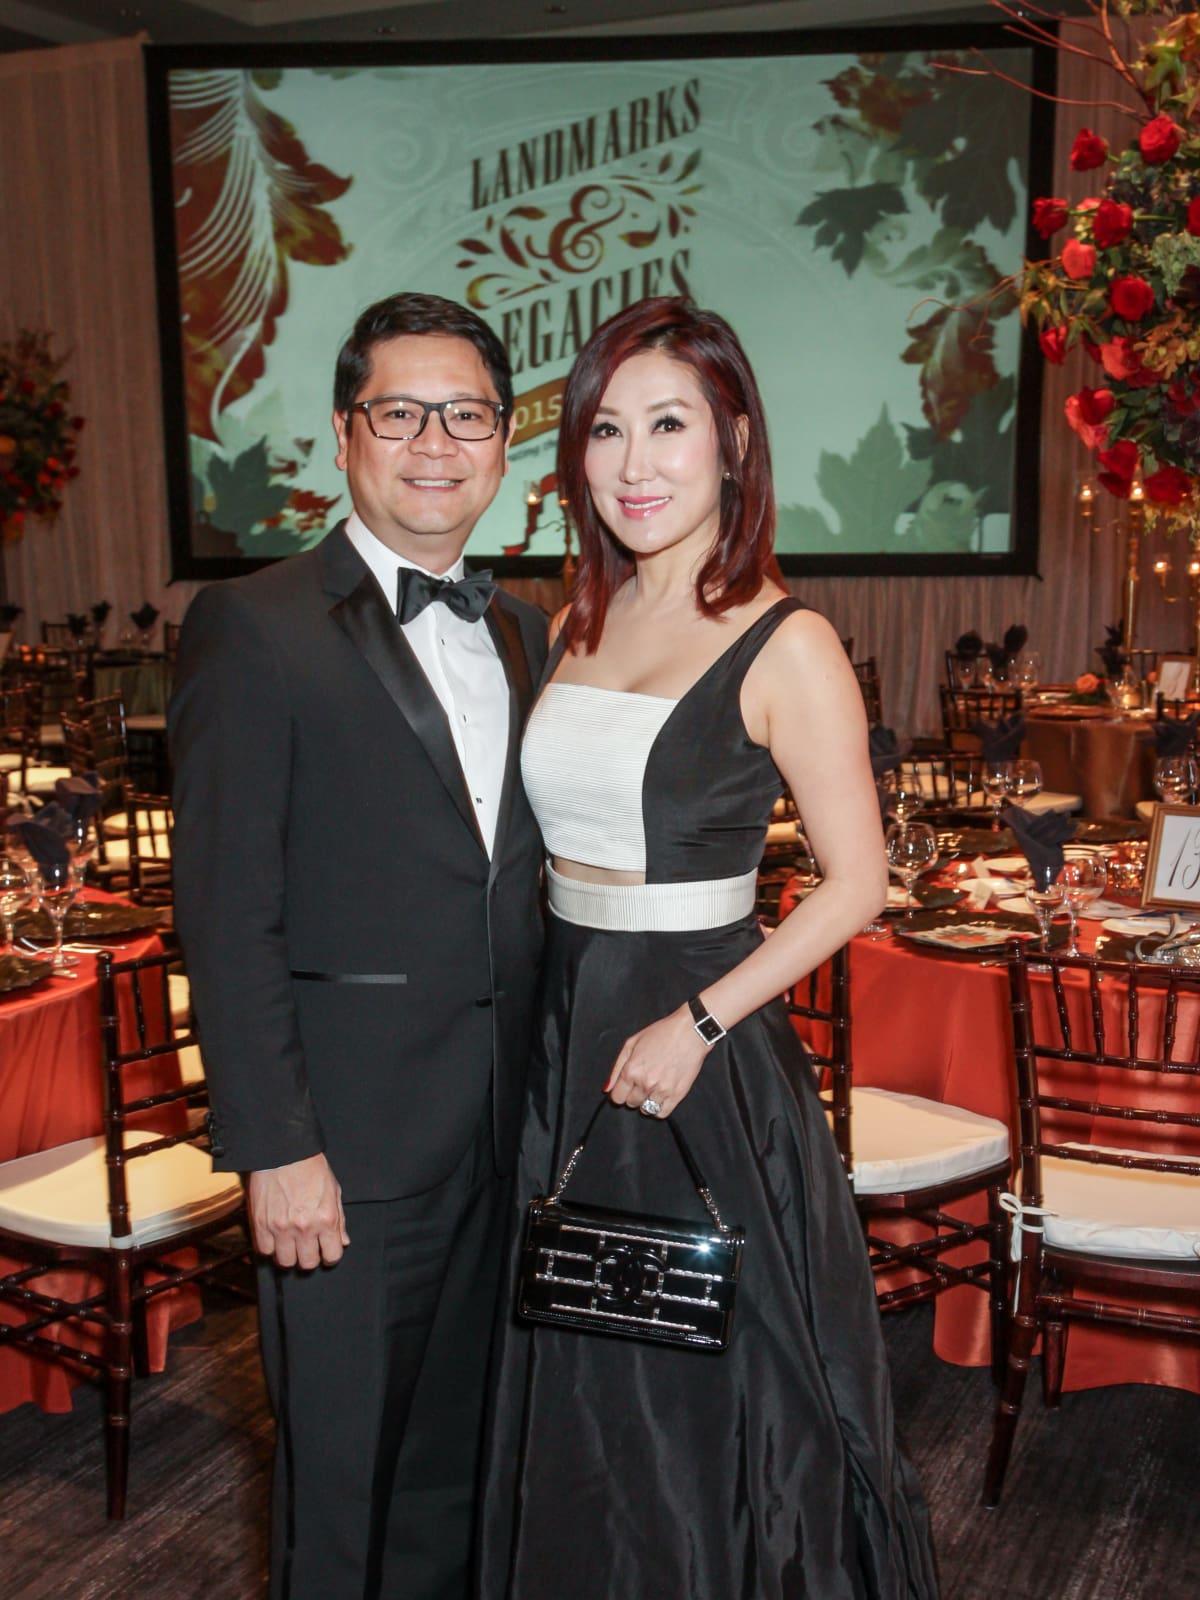 News, Shelby, Women's Home gala, Nov. 2015,  William Kao, Mandy Kao